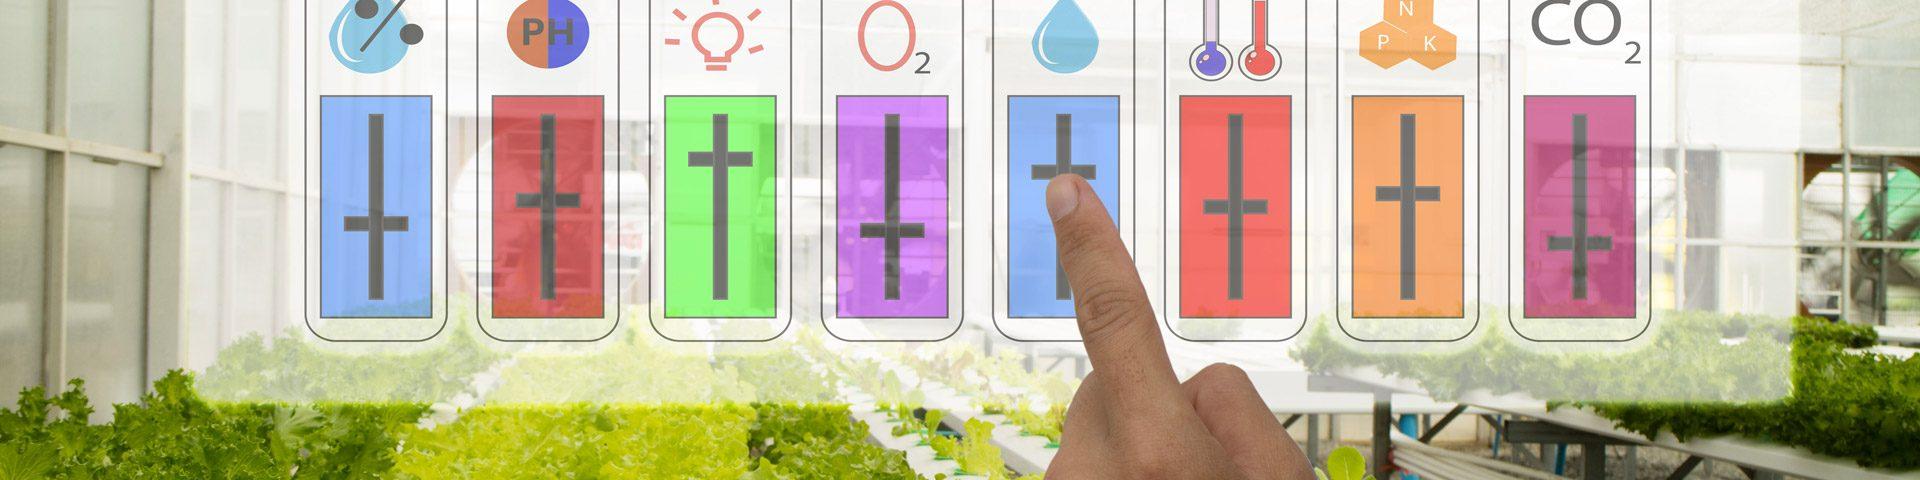 Les Domaines Agricoles, partenaire industriel clé d'une future station agro-photovoltaïque intelligente